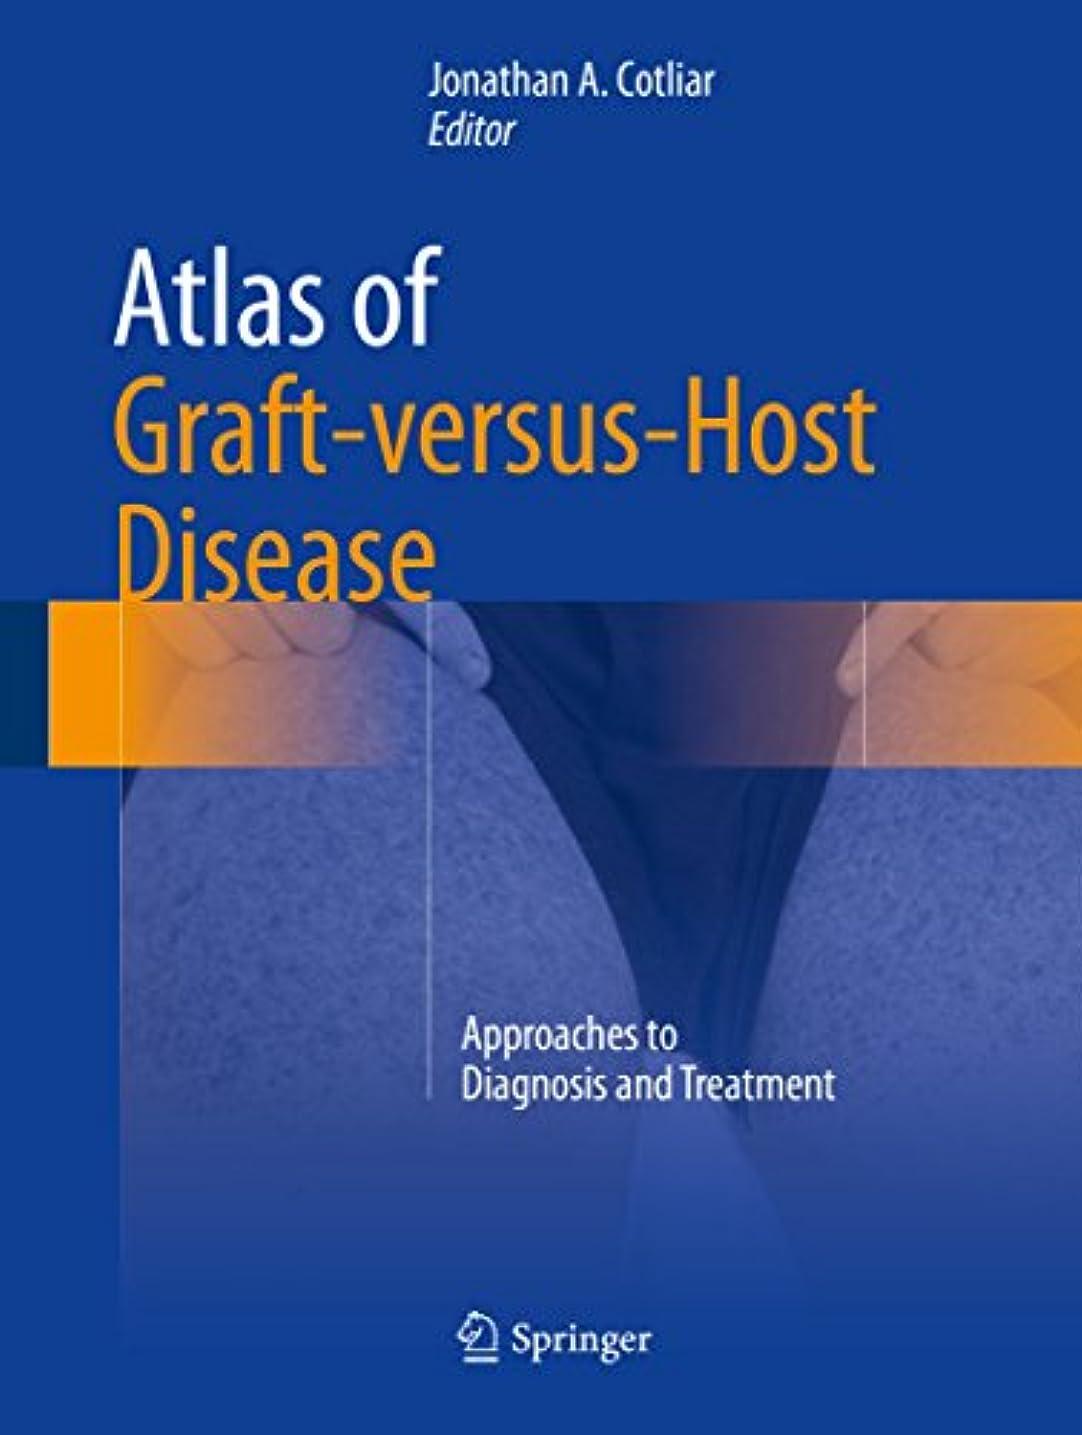 旋回端圧縮されたAtlas of Graft-versus-Host Disease: Approaches to Diagnosis and Treatment (English Edition)